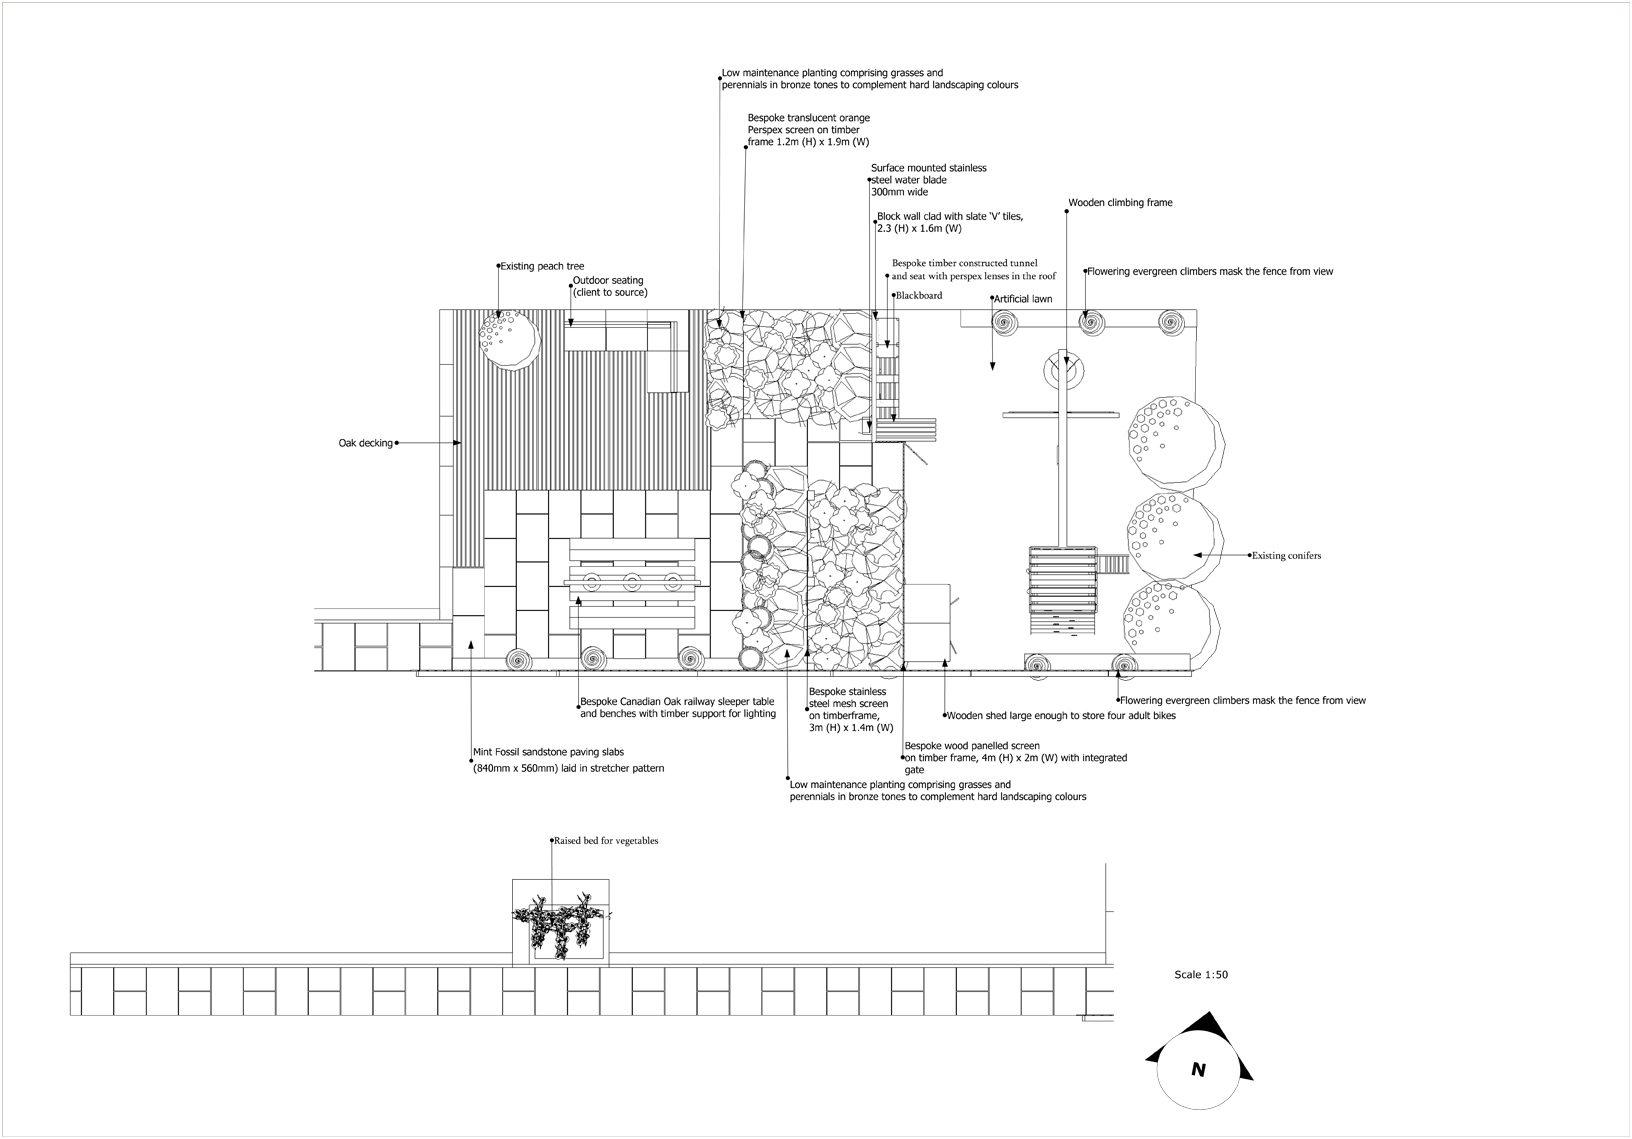 Gabion Wall Design Drawings : London garden design harrow a contemporary urban family